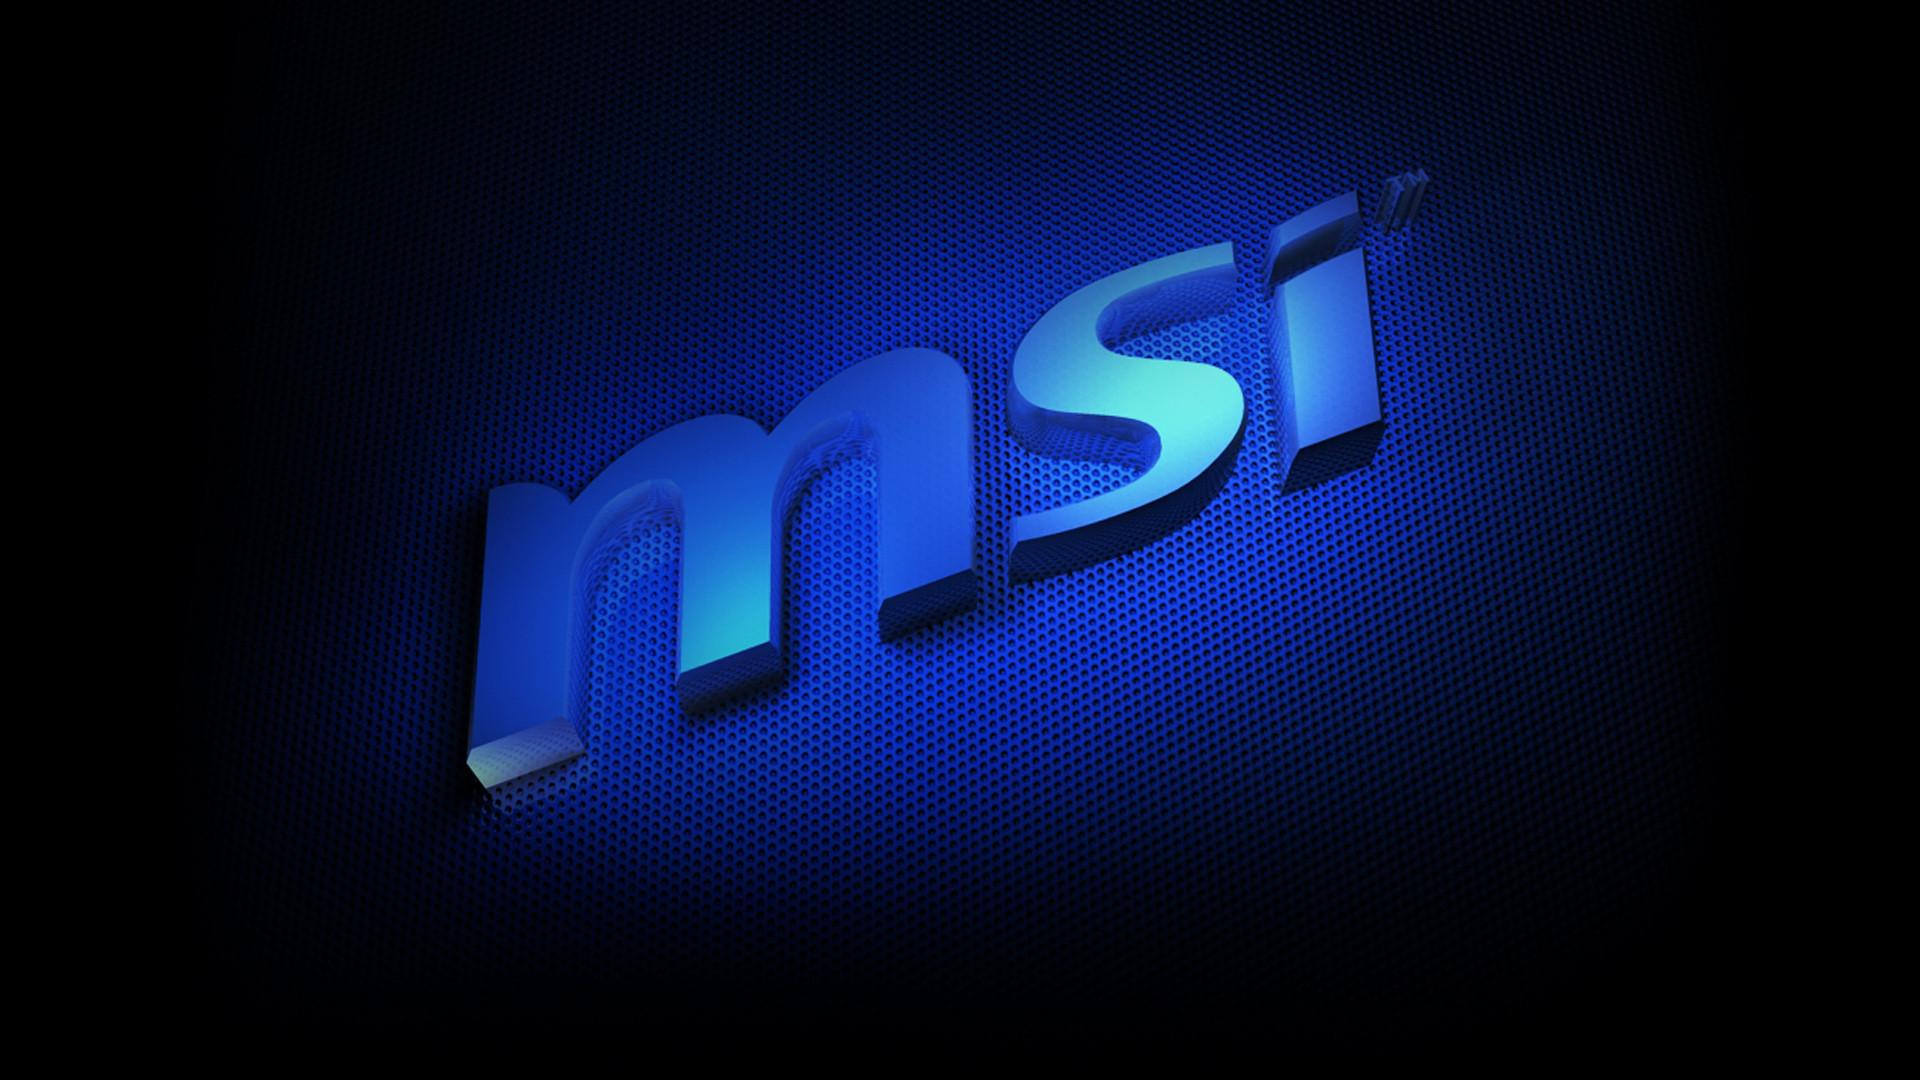 44 msi hd wallpapers on wallpapersafari - Msi logo wallpaper ...